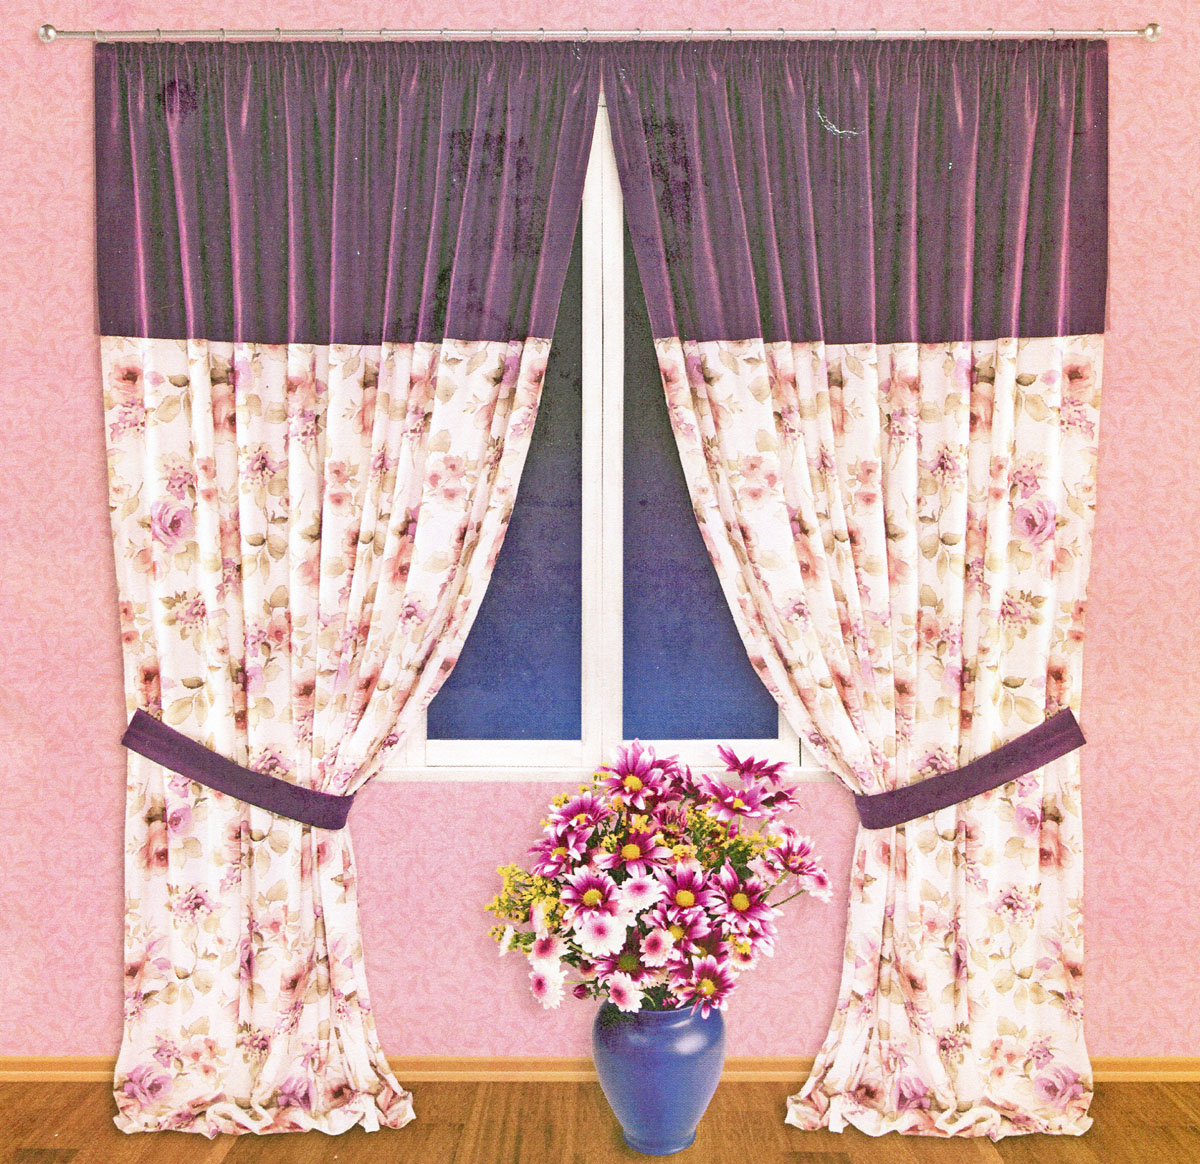 Комплект штор Zlata Korunka, на ленте, цвет: фиолетовый, высота 250 см. 5552010257Роскошный комплект тюлевых штор Zlata Korunka, выполненный из сатина (100% полиэстера), великолепно украсит любое окно. Комплект состоит из двух портьер и двух подхватов. Плотная ткань, цветочный принт и приятная, приглушенная гамма привлекут к себе внимание и органично впишутся в интерьер помещения. Комплект крепится на карниз при помощи шторной ленты, которая поможет красиво и равномерно задрапировать верх. Портьеры можно зафиксировать в одном положении с помощью двух подхватов. Этот комплект будет долгое время радовать вас и вашу семью! В комплект входит: Портьера: 2 шт. Размер (ШхВ): 200 см х 250 см. Подхват: 2 шт. Размер (ШхВ): 60 см х 10 см.